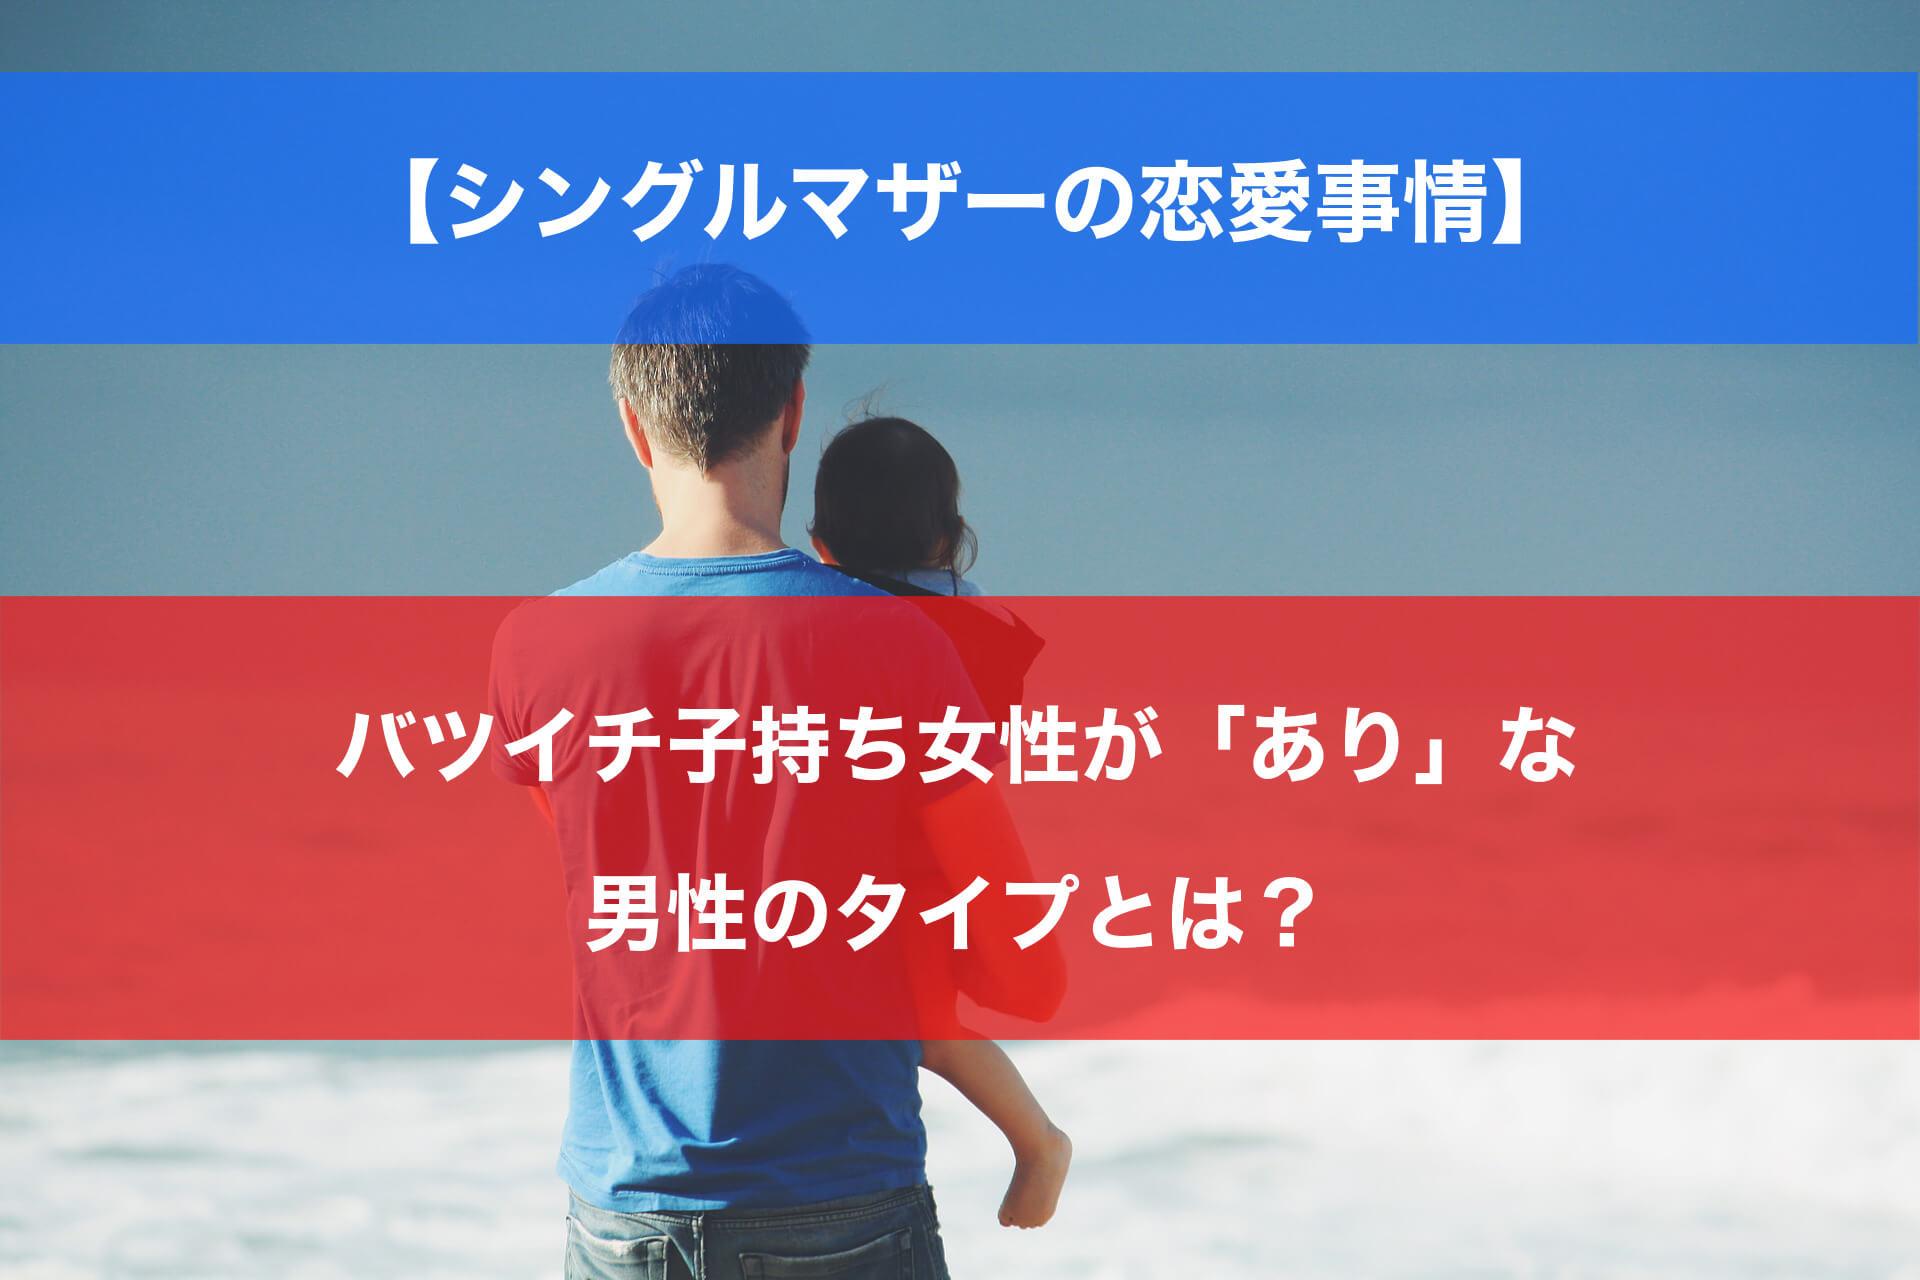 【シングルマザーの恋愛事情】バツイチ子持ち女性が「あり」な男性のタイプとは?<br />